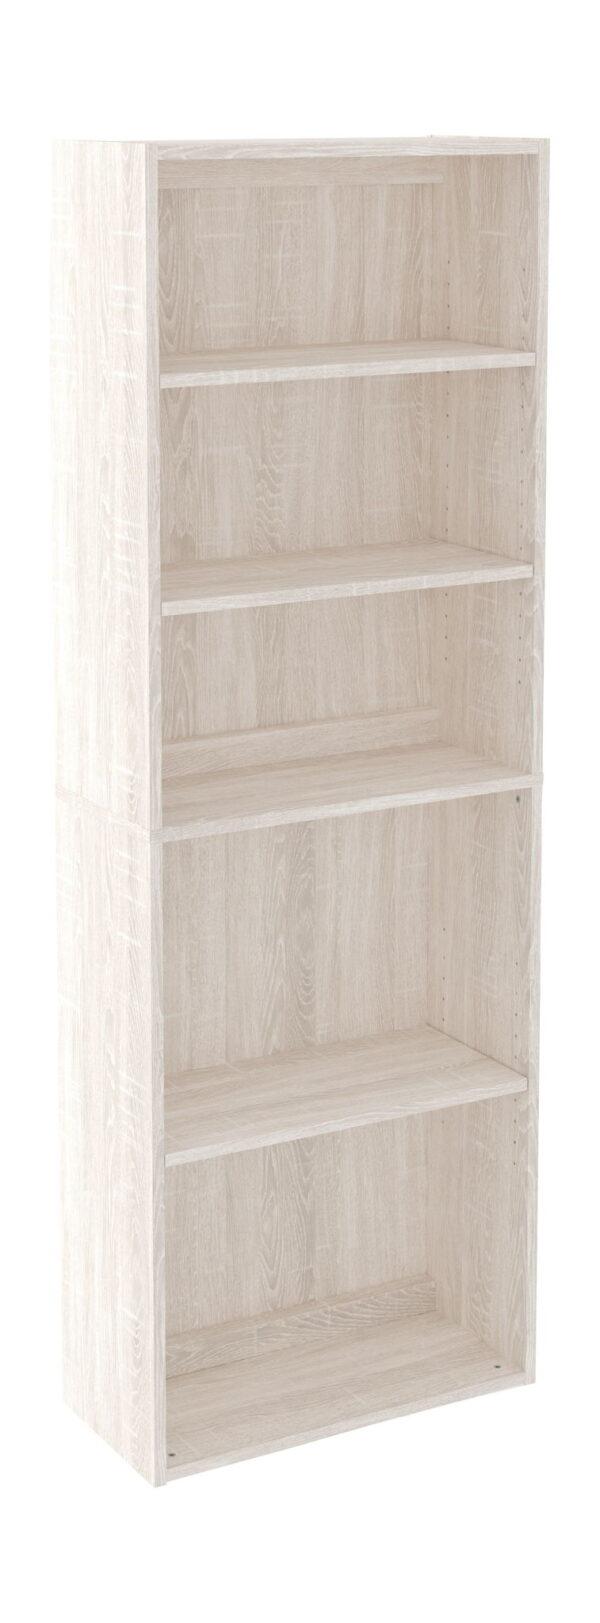 Dorrinson - Two-tone - Bookcase